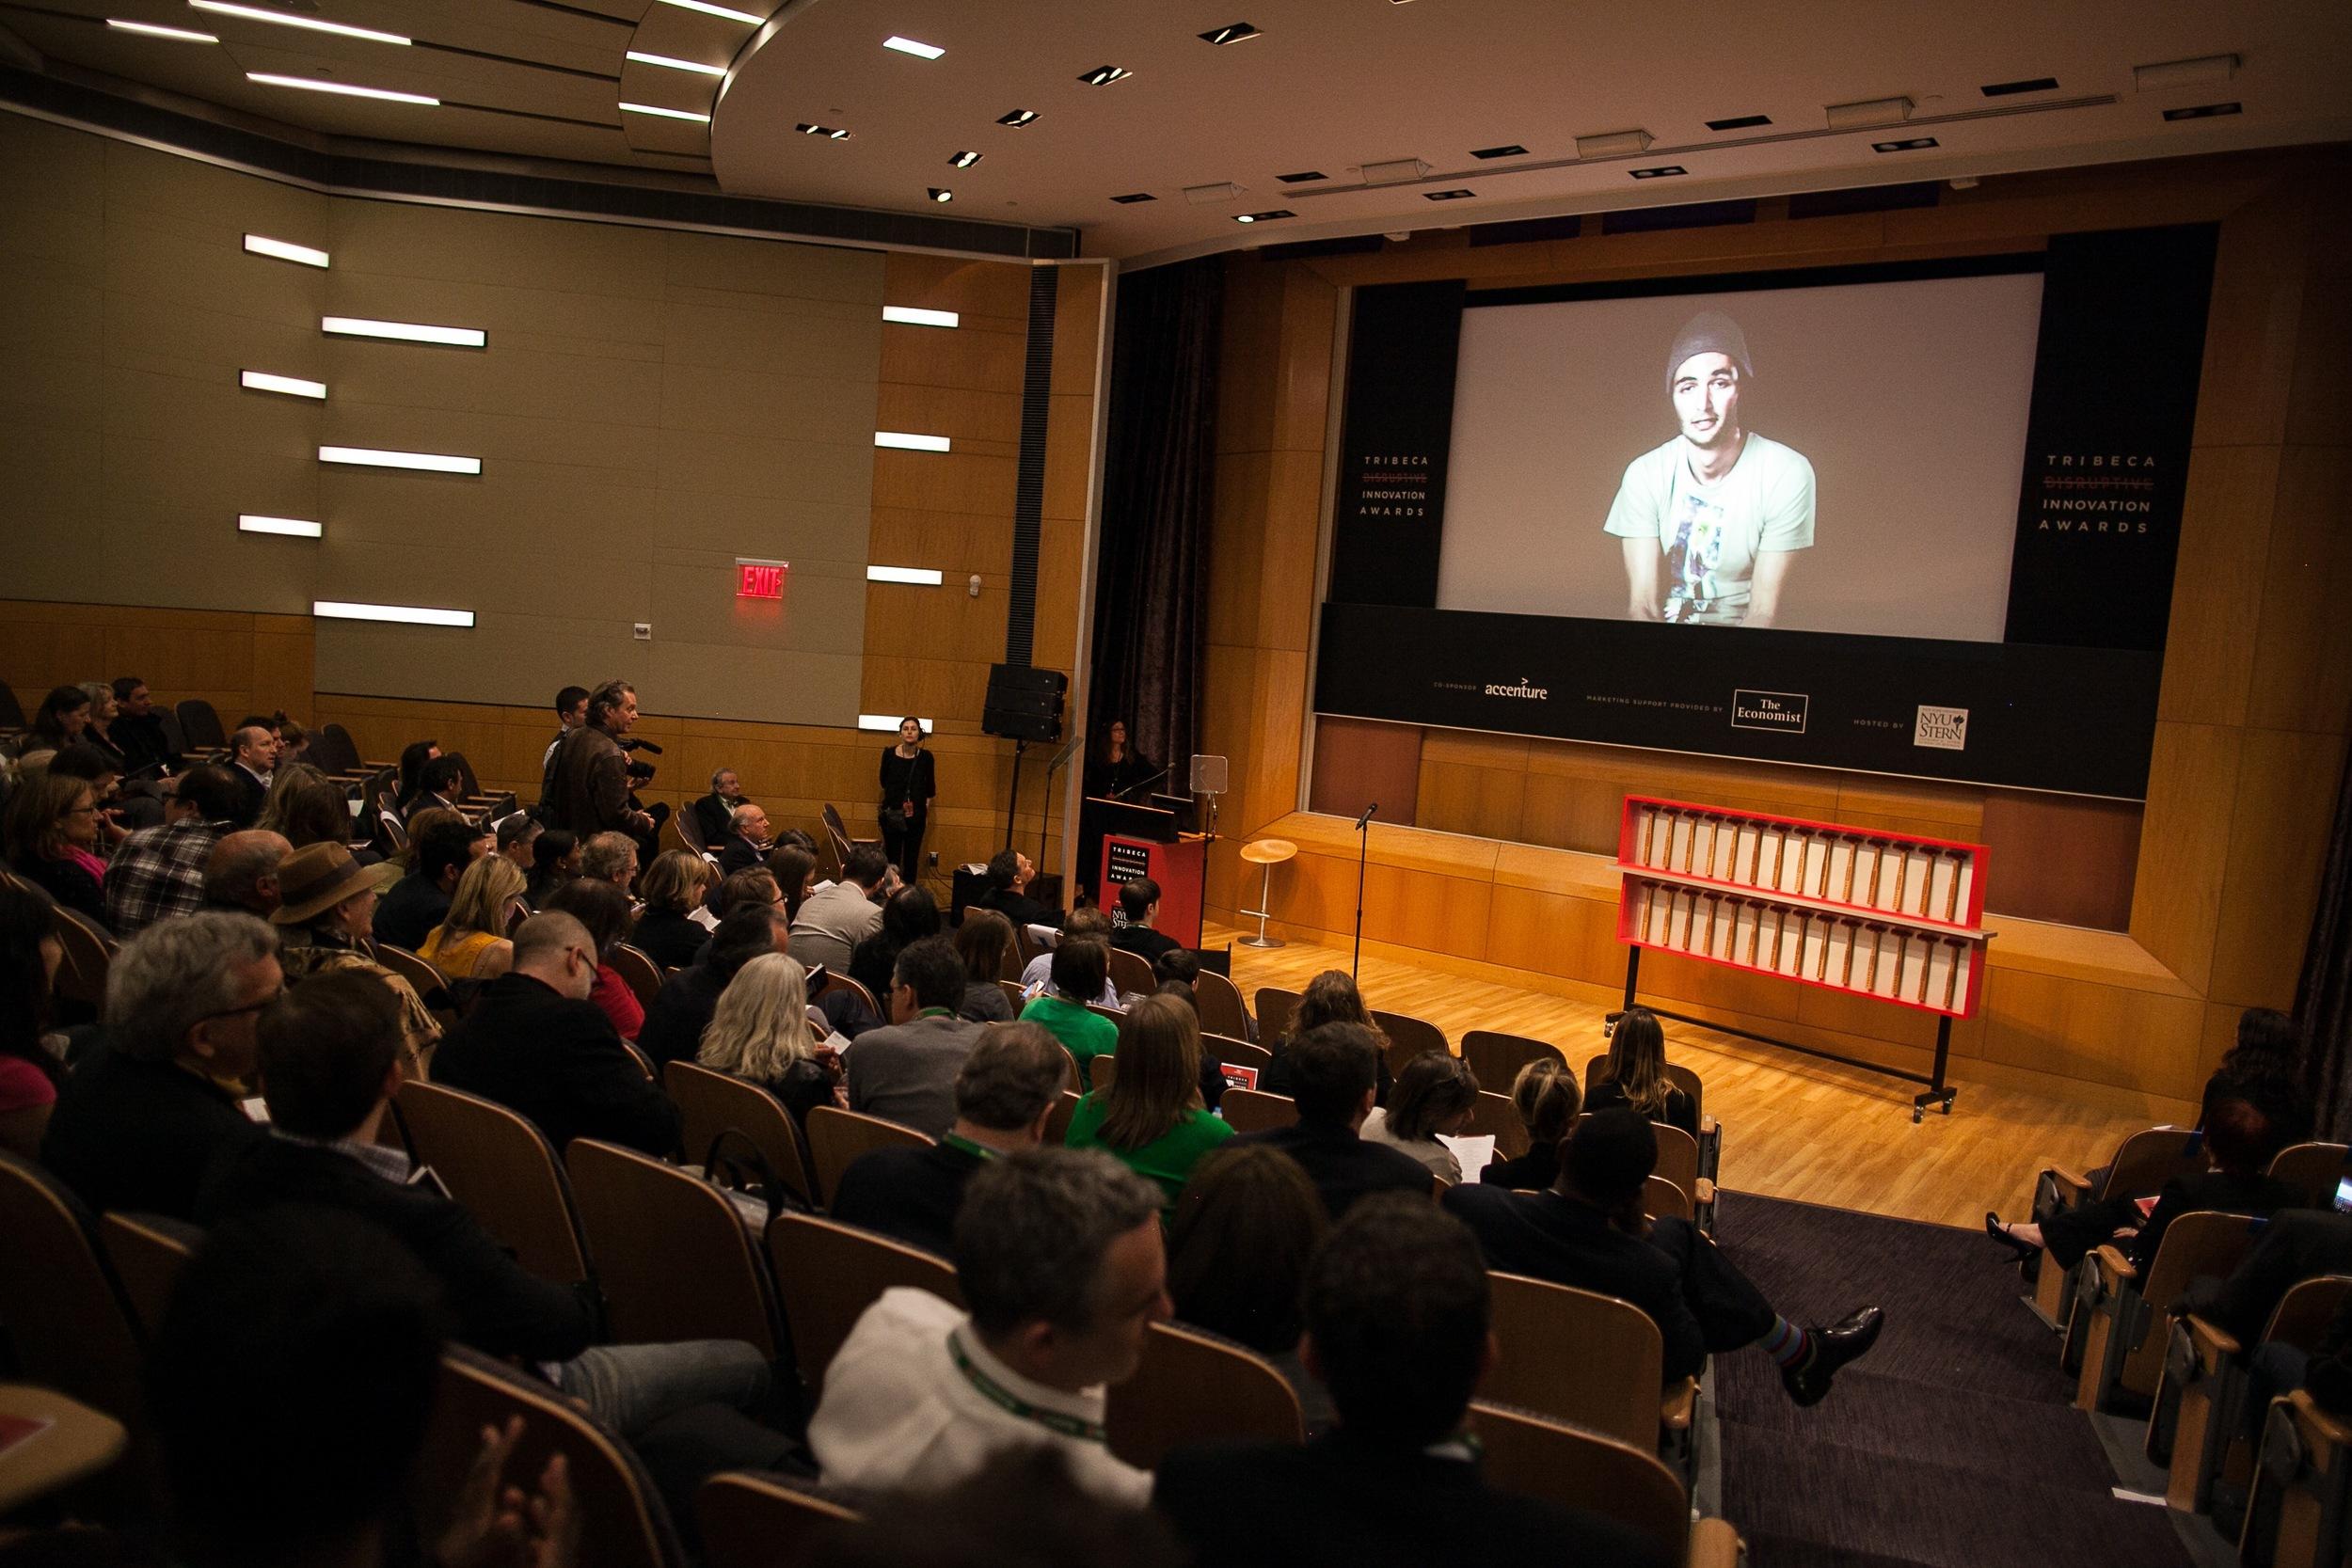 Tribeca Disruptive Innovation Awards 2013 - 035.jpg